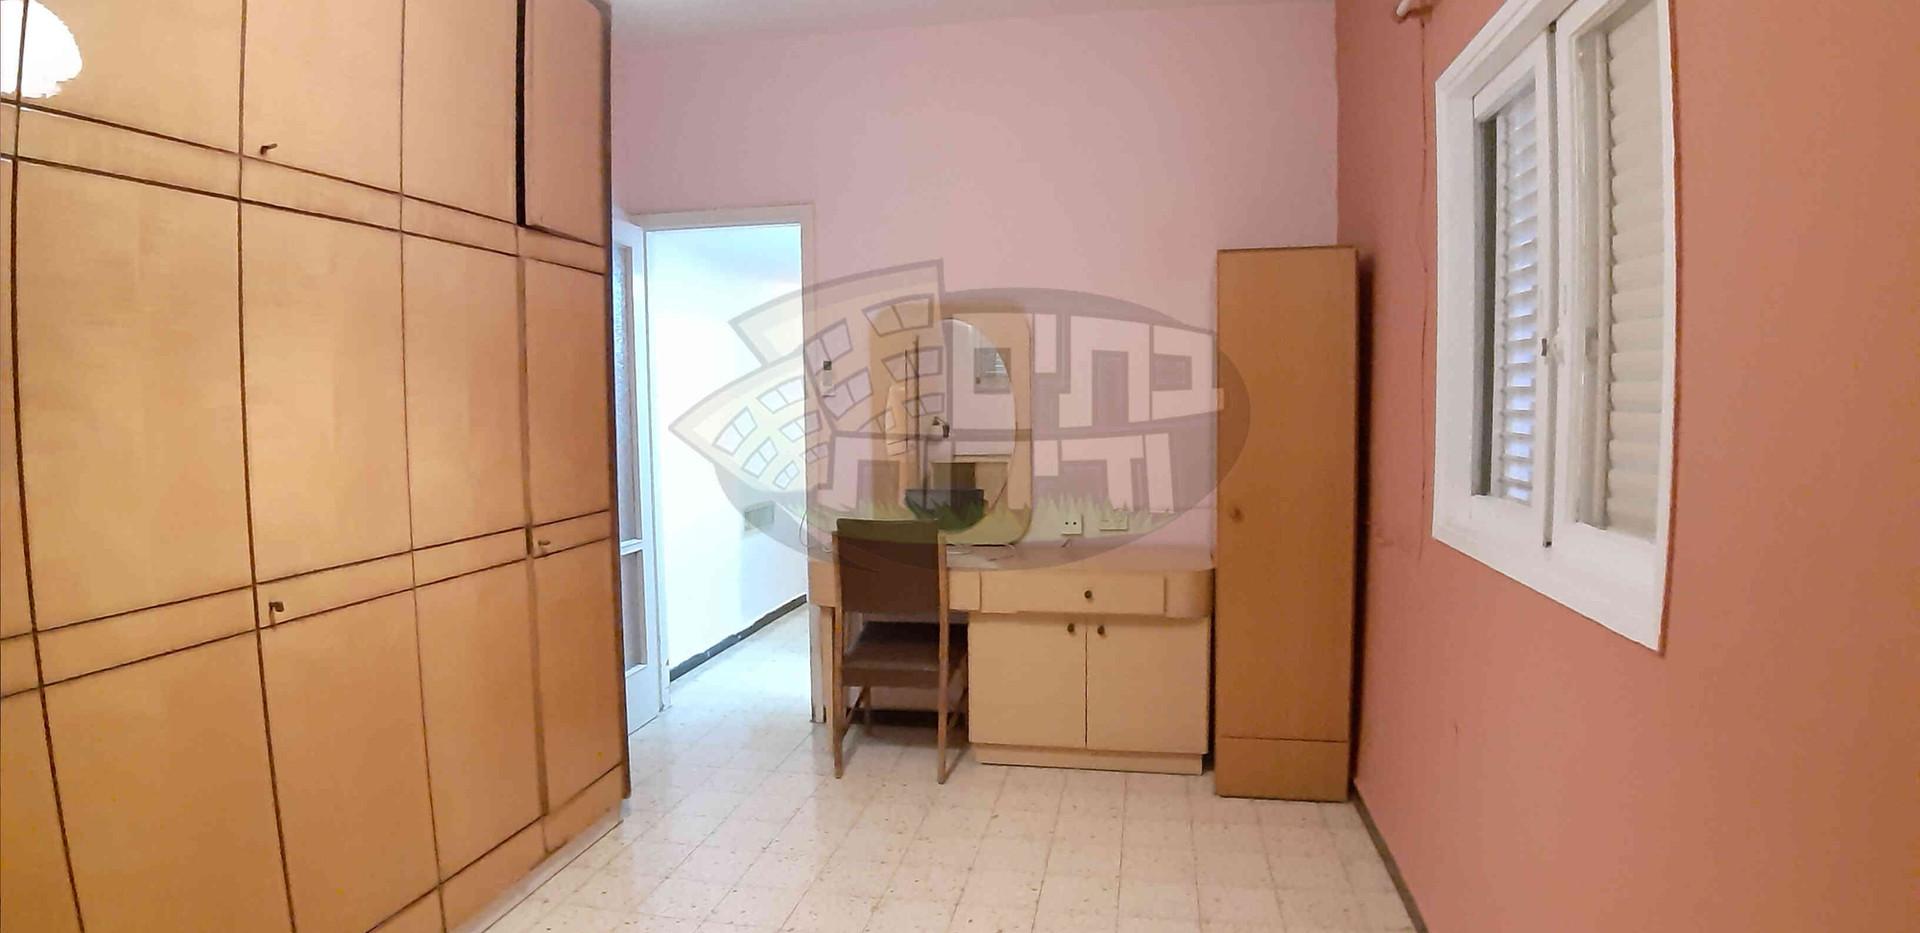 להשכרה 3 חדרים (15).jpg